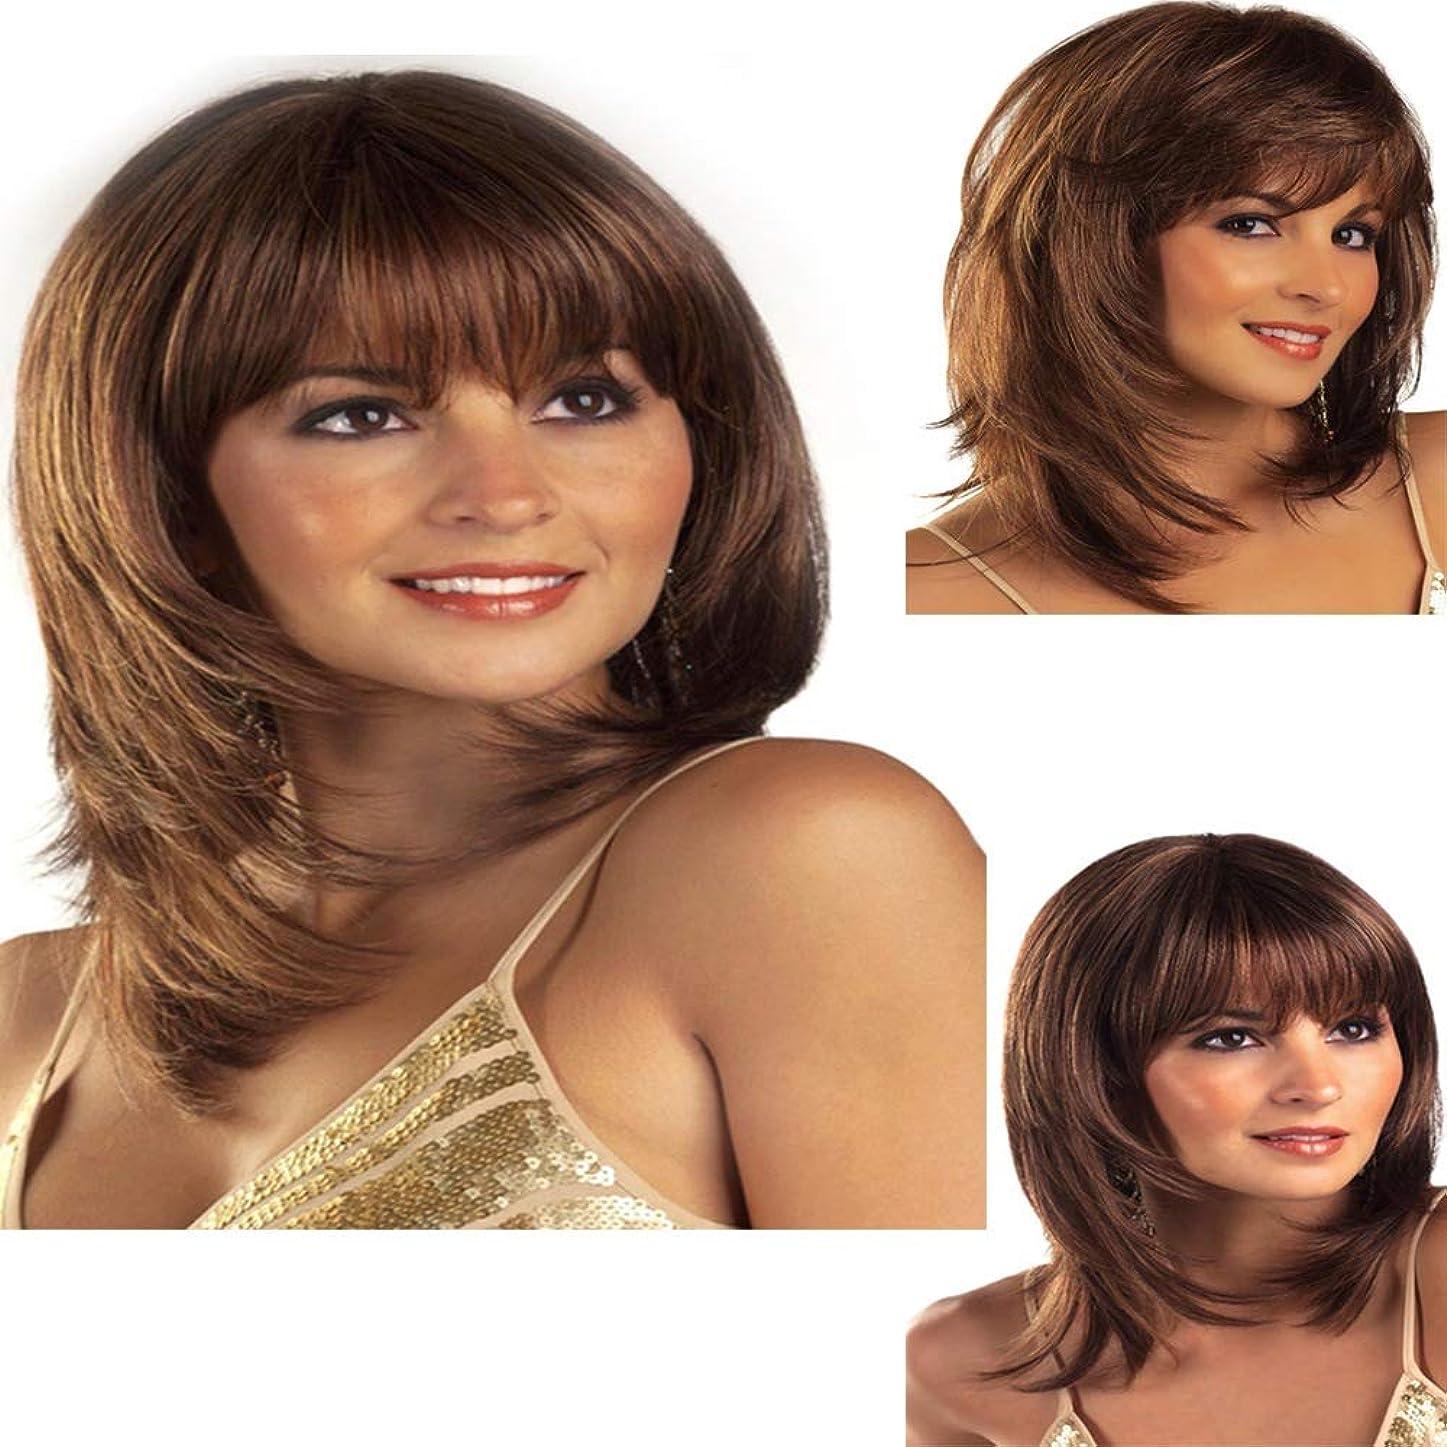 パキスタンと闘う産地毎日のために前髪ショート波状カーリーウィッグ耐熱完全な頭部の髪の交換ウィッグ着用やコスチュームウィッグとダークブラウンの合成ウィッグ